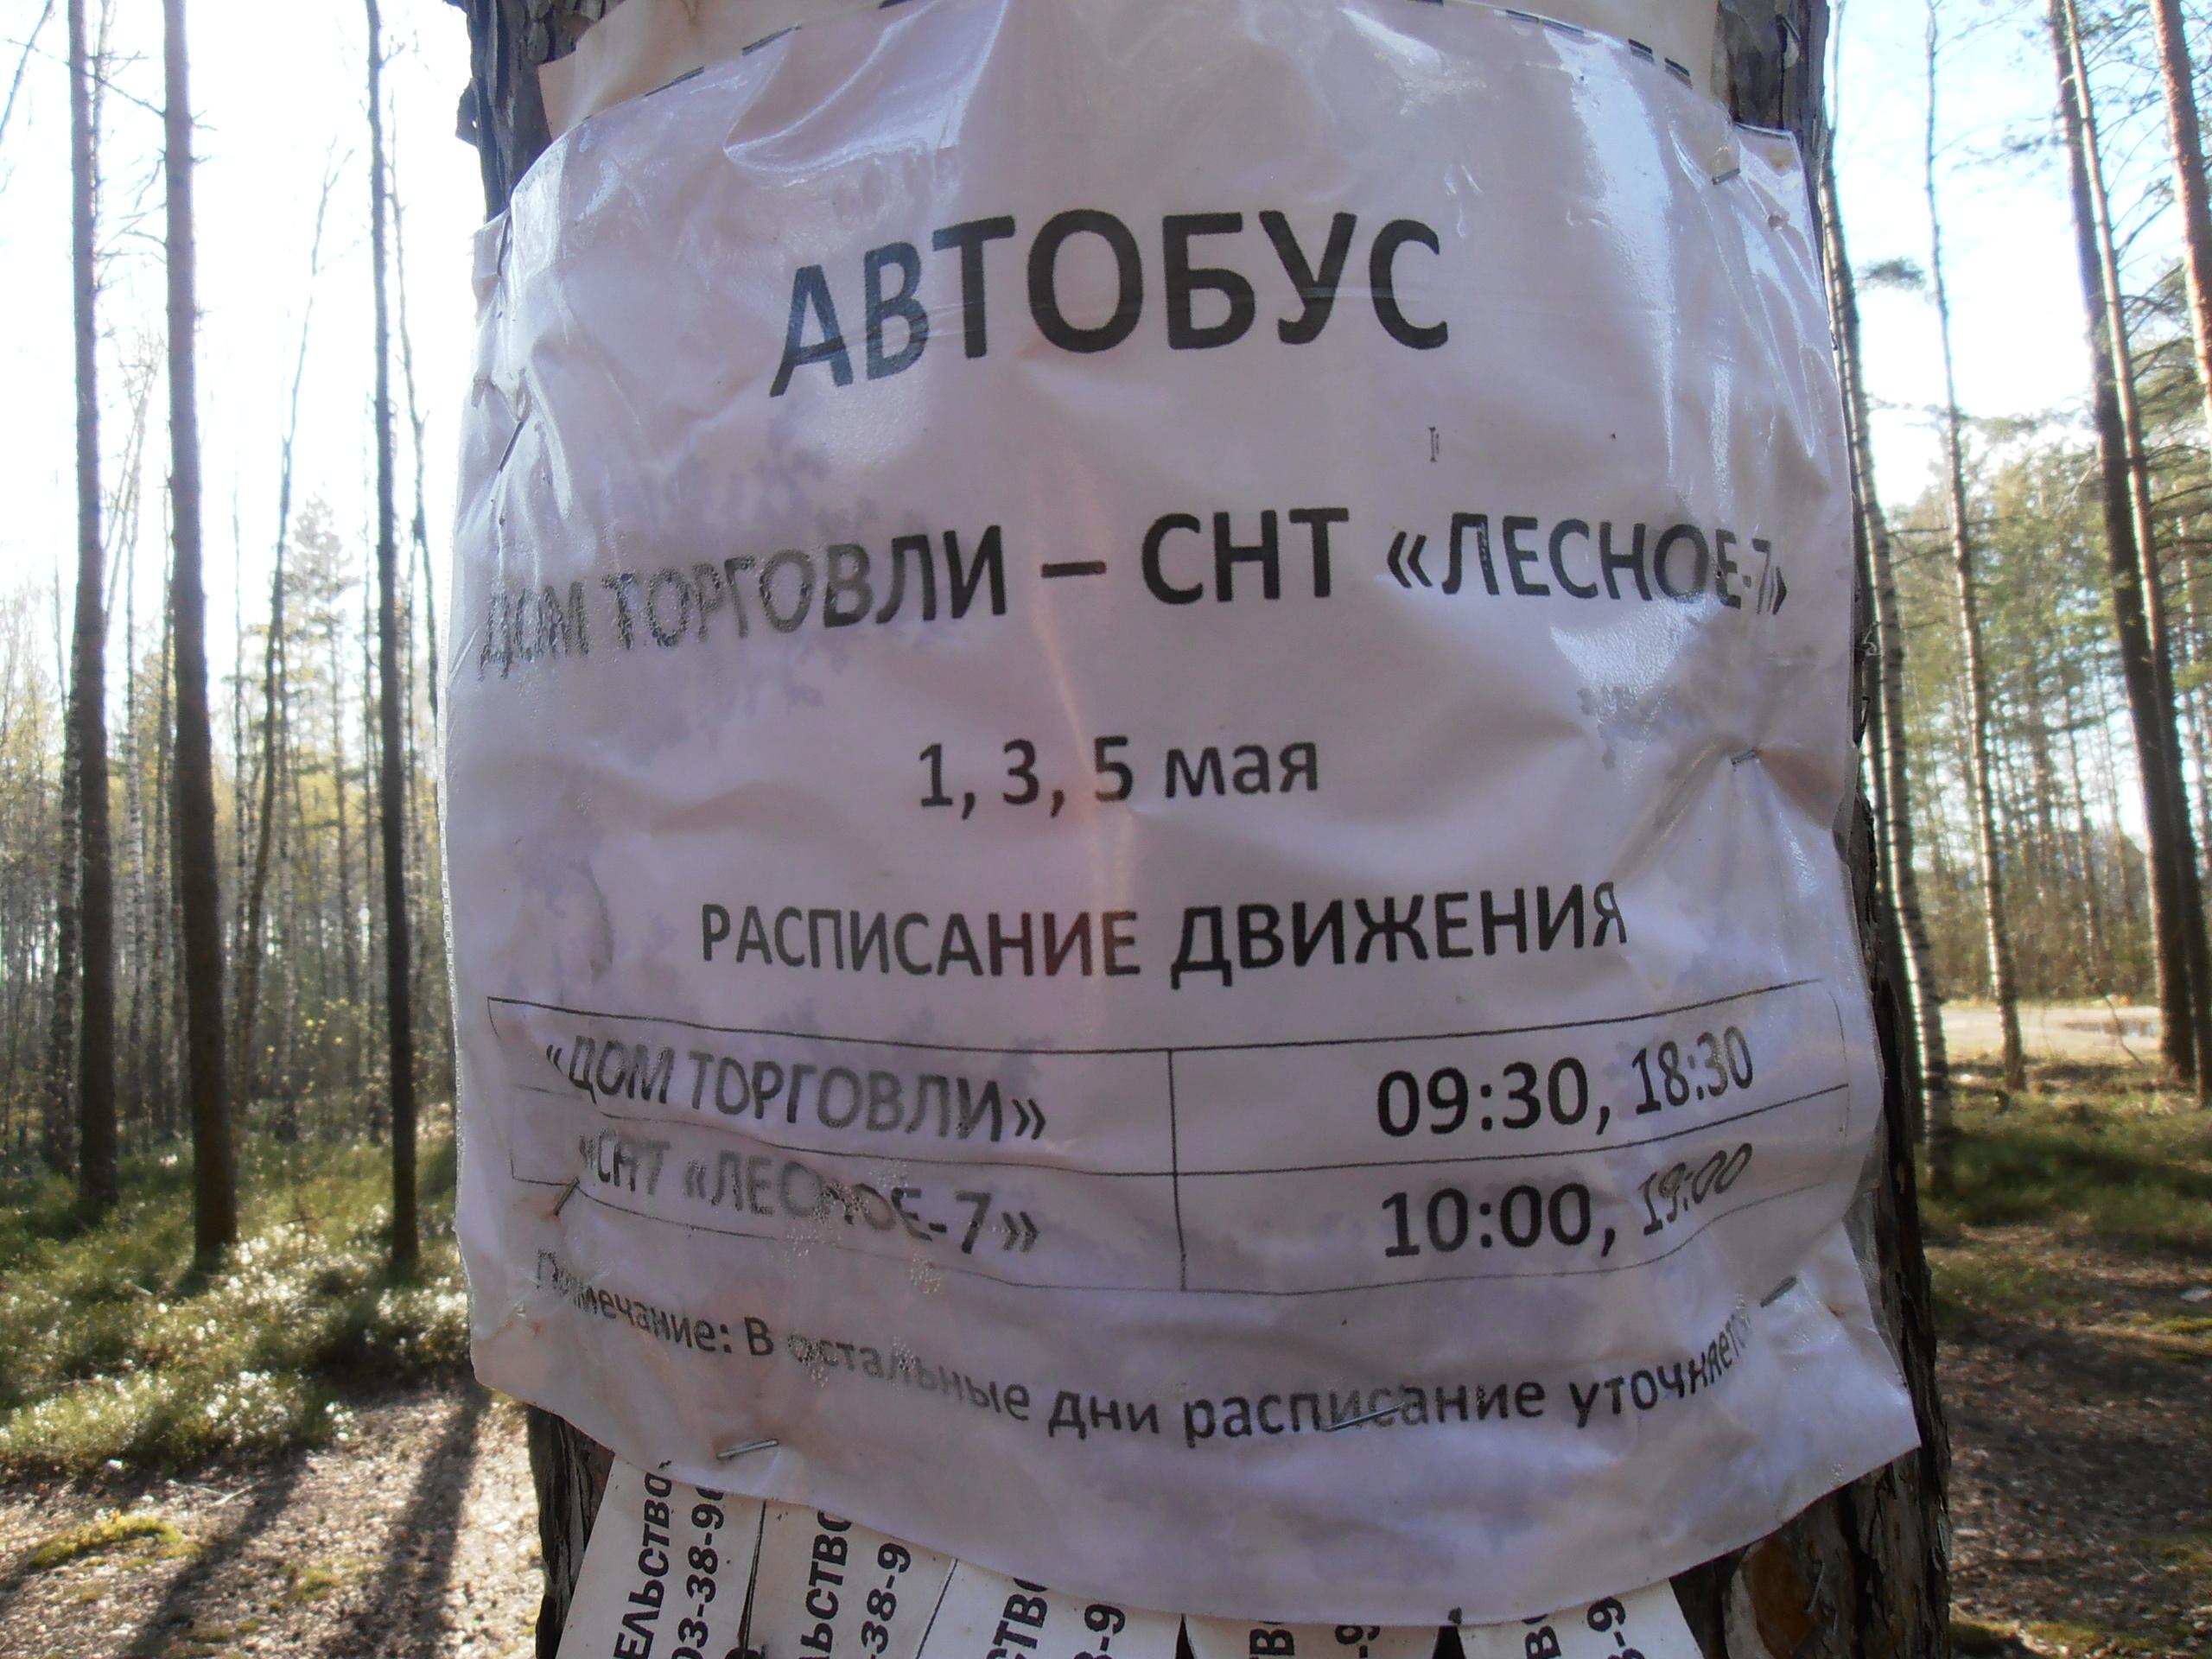 Автобус до СНТ